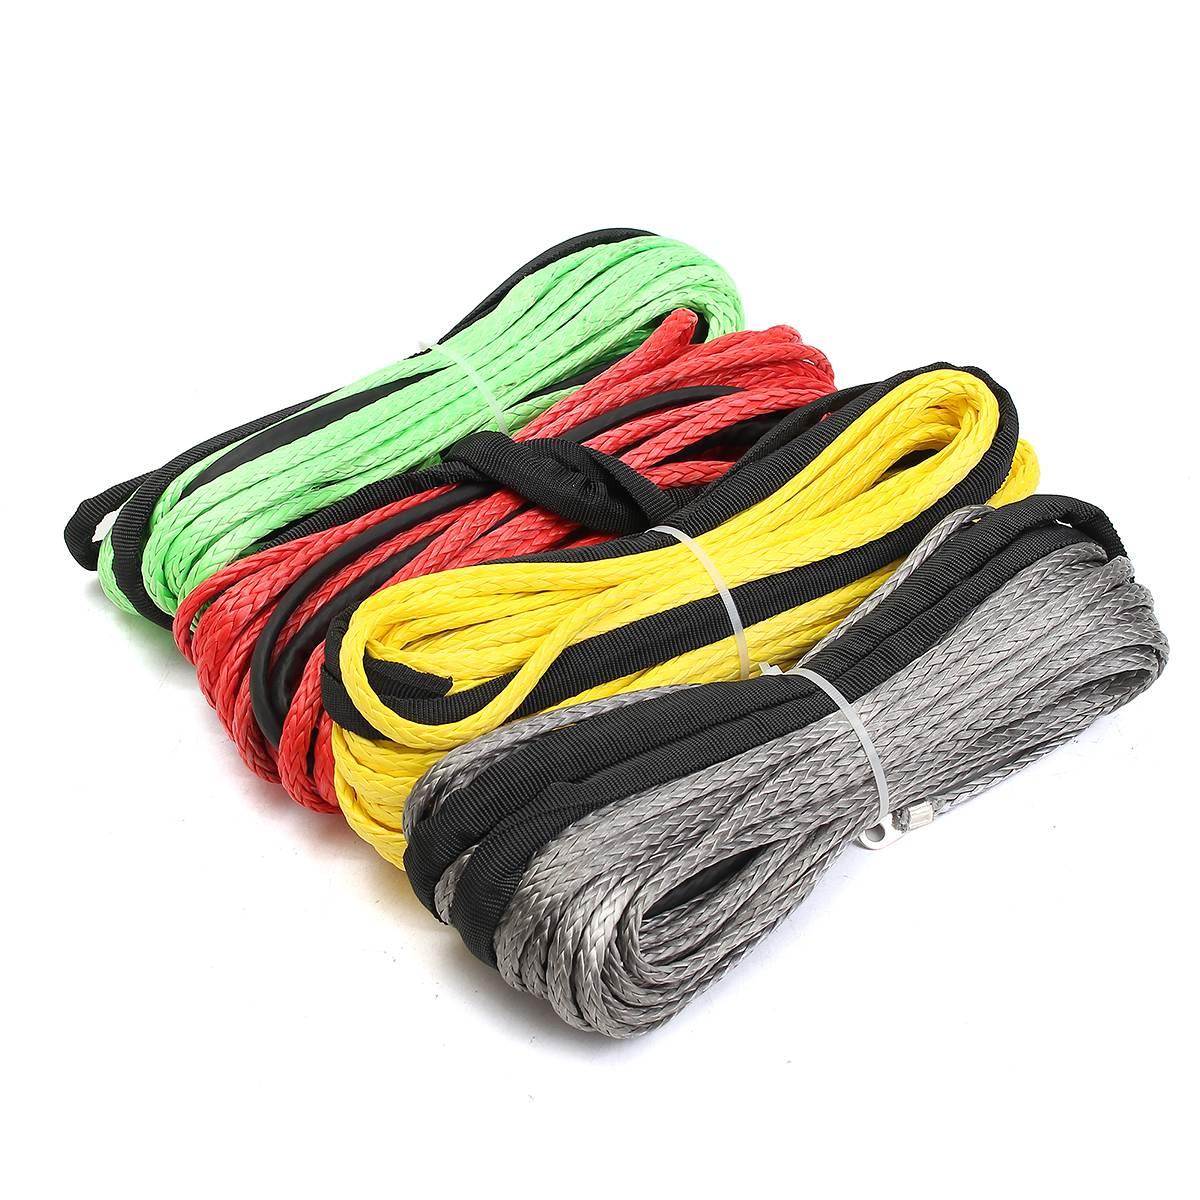 Лучшая цена 3/16 х 50 Синтетический Волокно лебедки кабельной линии веревка 5500 LBS + оболочка для ATV UTV 5.5 мм * 15 м химическое